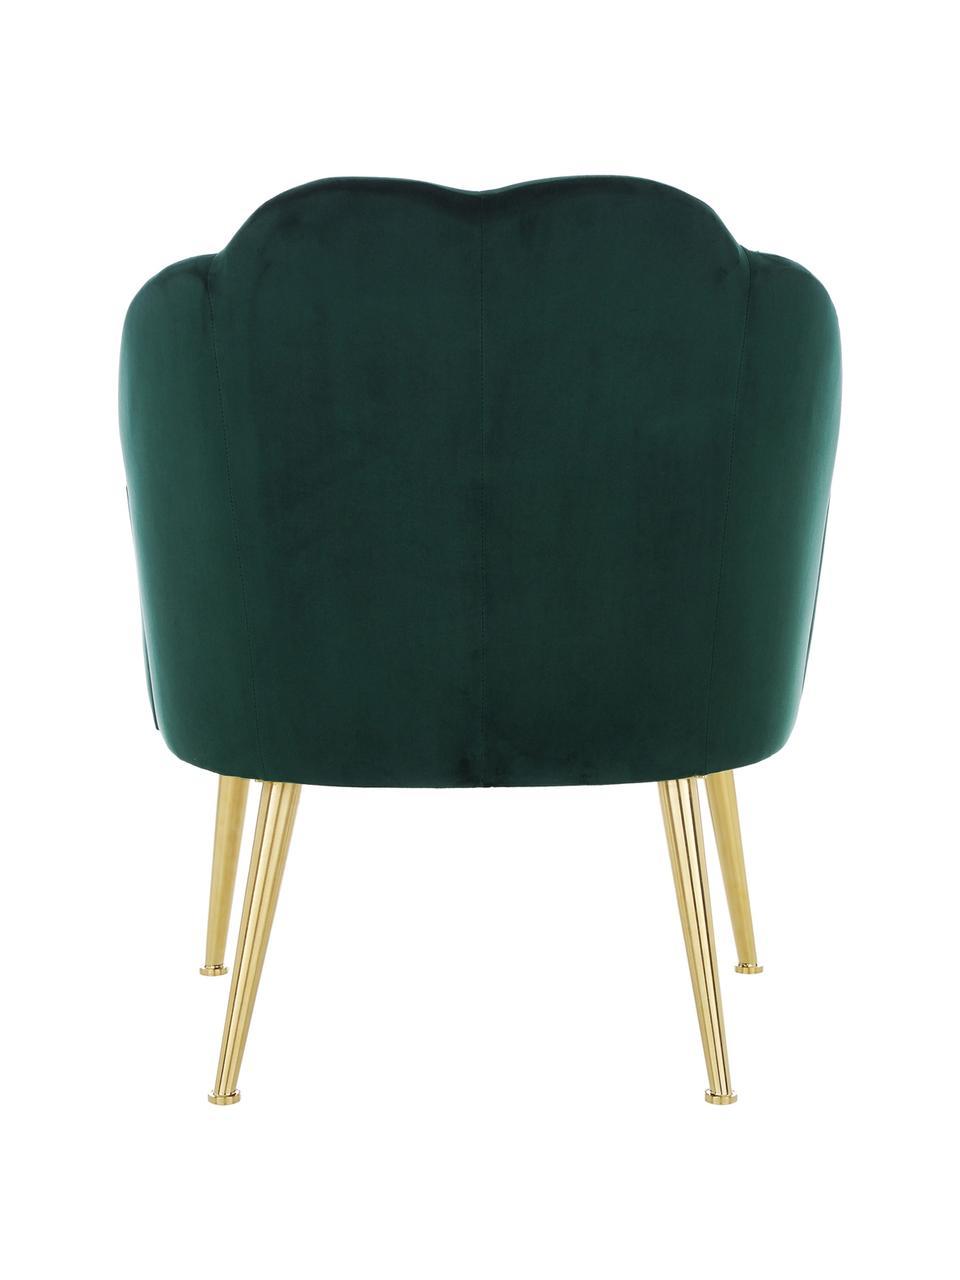 Fluwelen fauteuil Helle in groen, Bekleding: fluweel (polyester), Poten: gepoedercoat metaal, Donkergroen, B 65 x D 65 cm